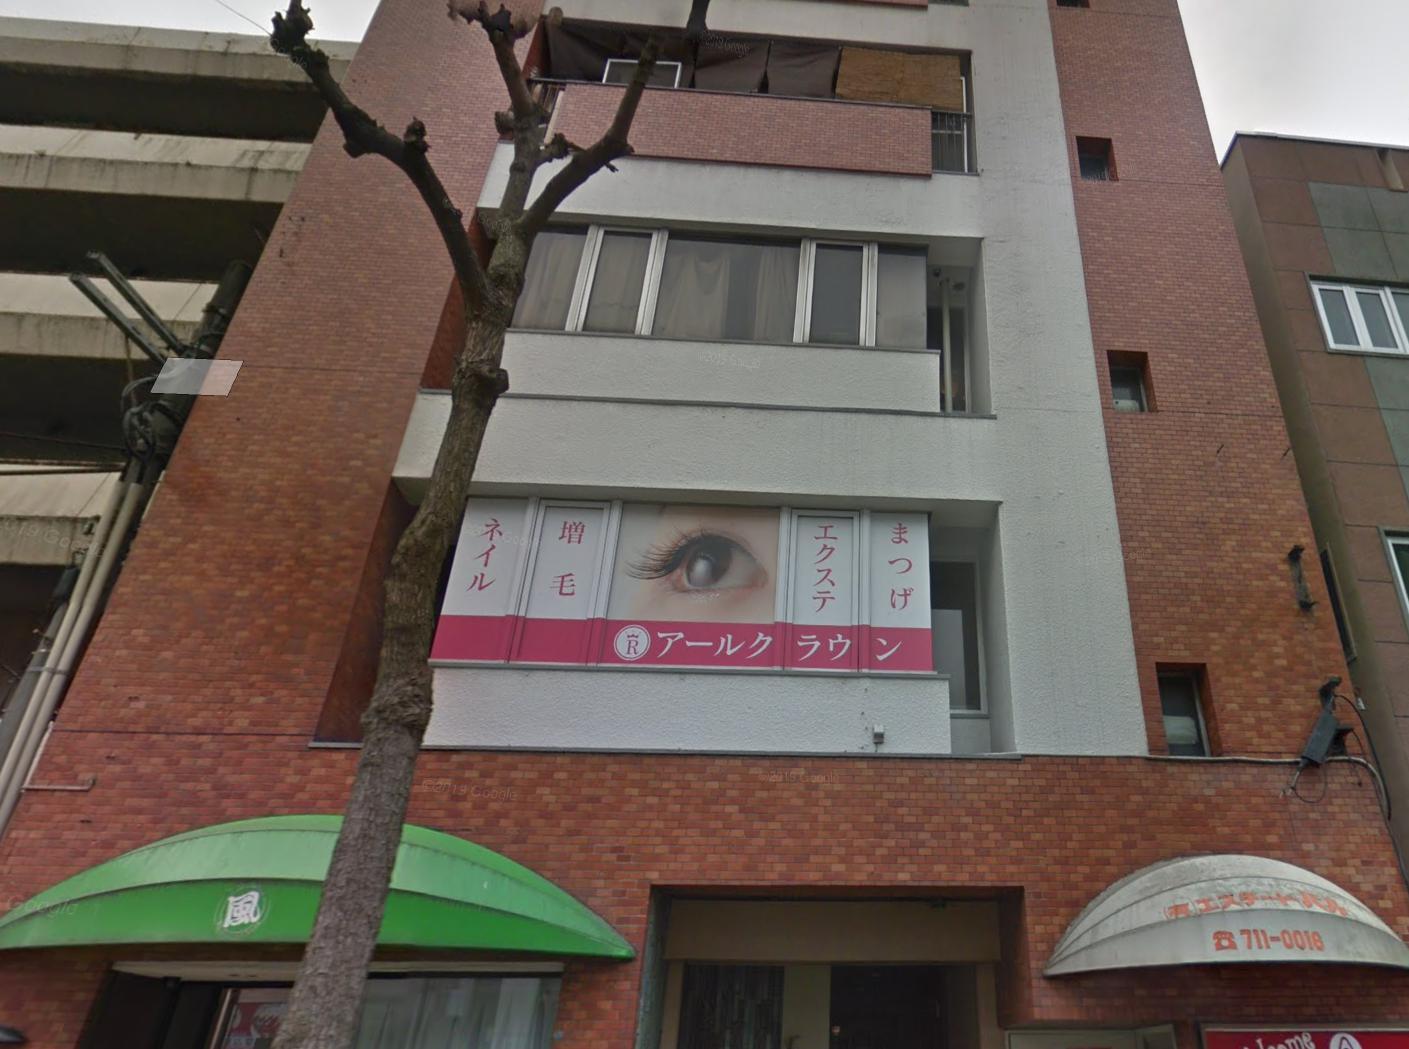 福岡の占い当たるブログ「宝琉館 六本松本館」